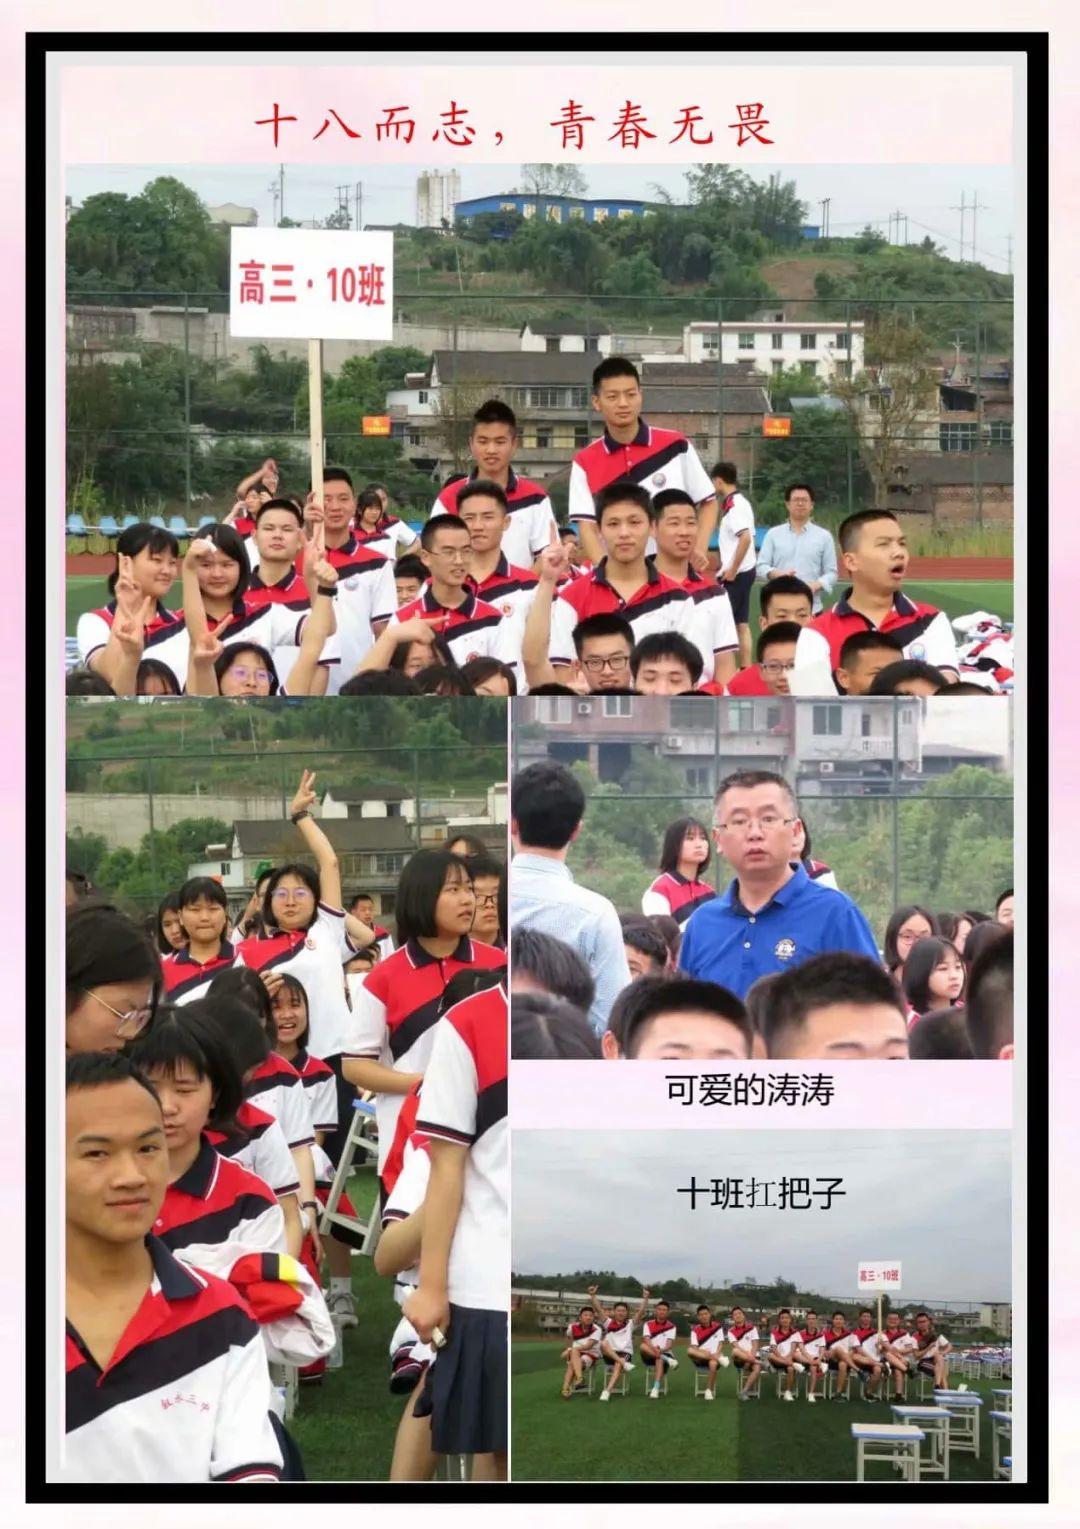 再见,云涛之家—叙永三中17级10班毕业纪念 叙永三中 第55张